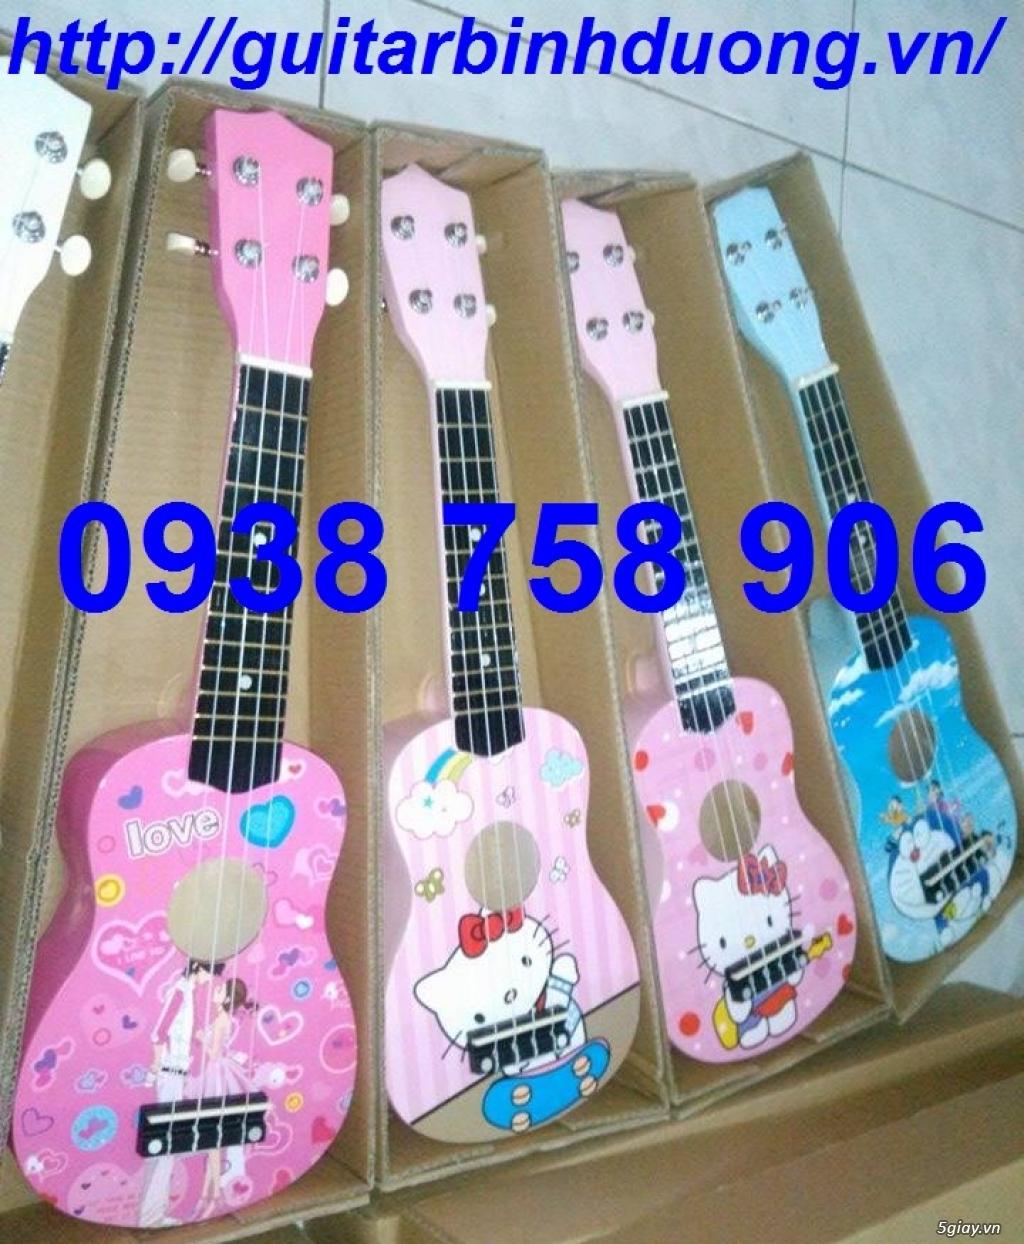 Bán đàn ukulele giá rẻ tp thủ dầu một bình dương - 6